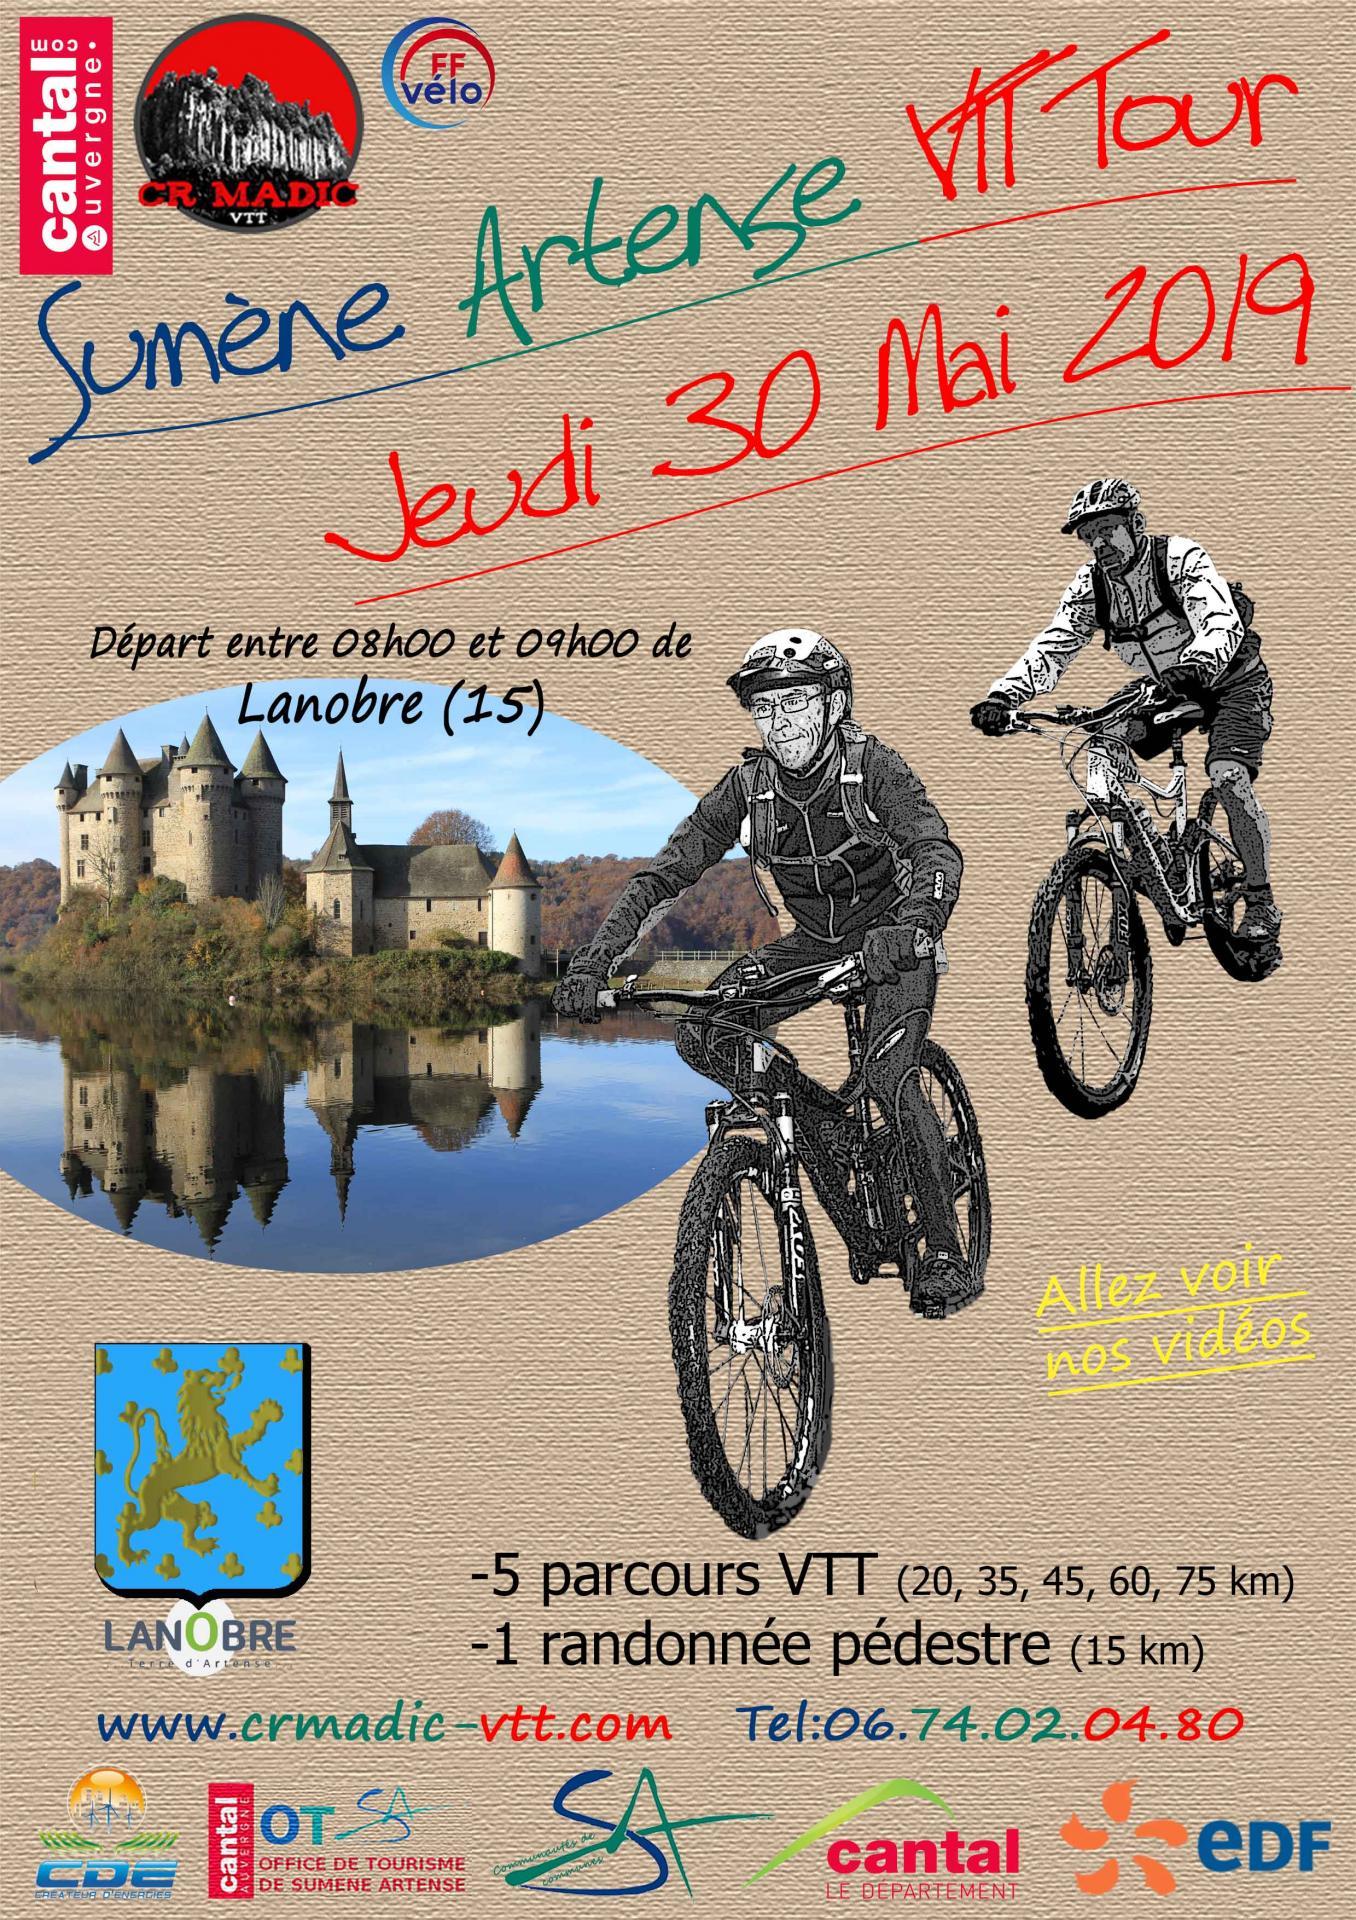 SUMENE ARTENSE VTT -LANOBRE (15) le Jeudi 30 mai 2019 2019-affiche-savtt-tour-v1-300-dpi